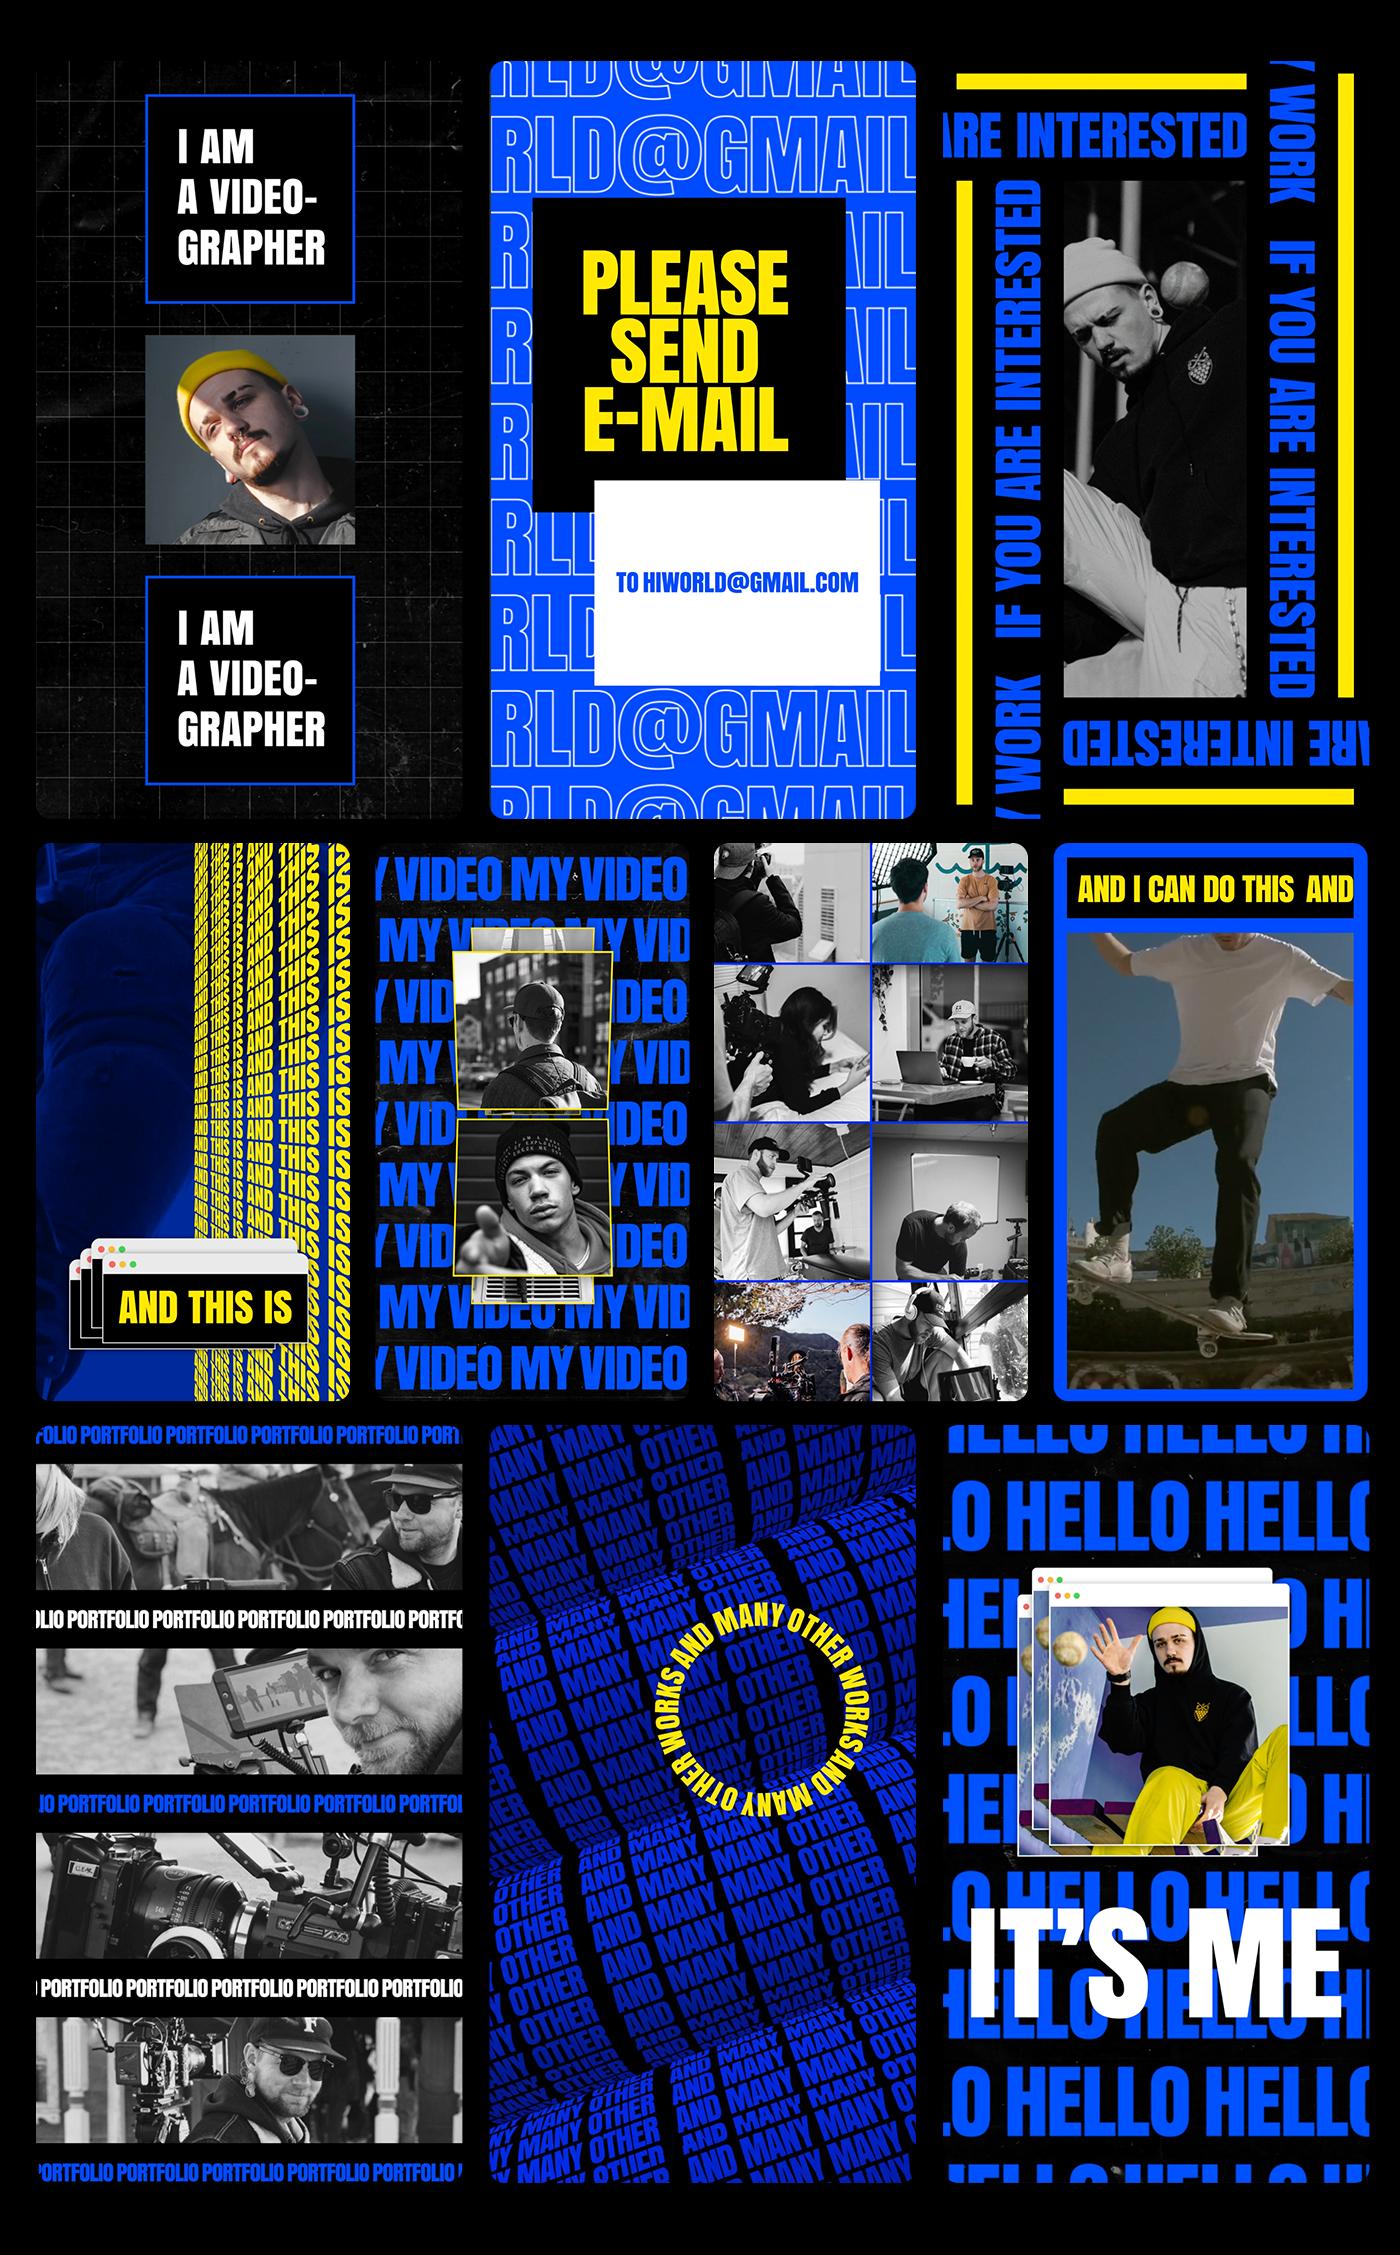 AE脚本-200多个创意文字标题排版时尚宣传视频包装动画工具包 Kinetic Social Pack for Win/Mac破解版插图16